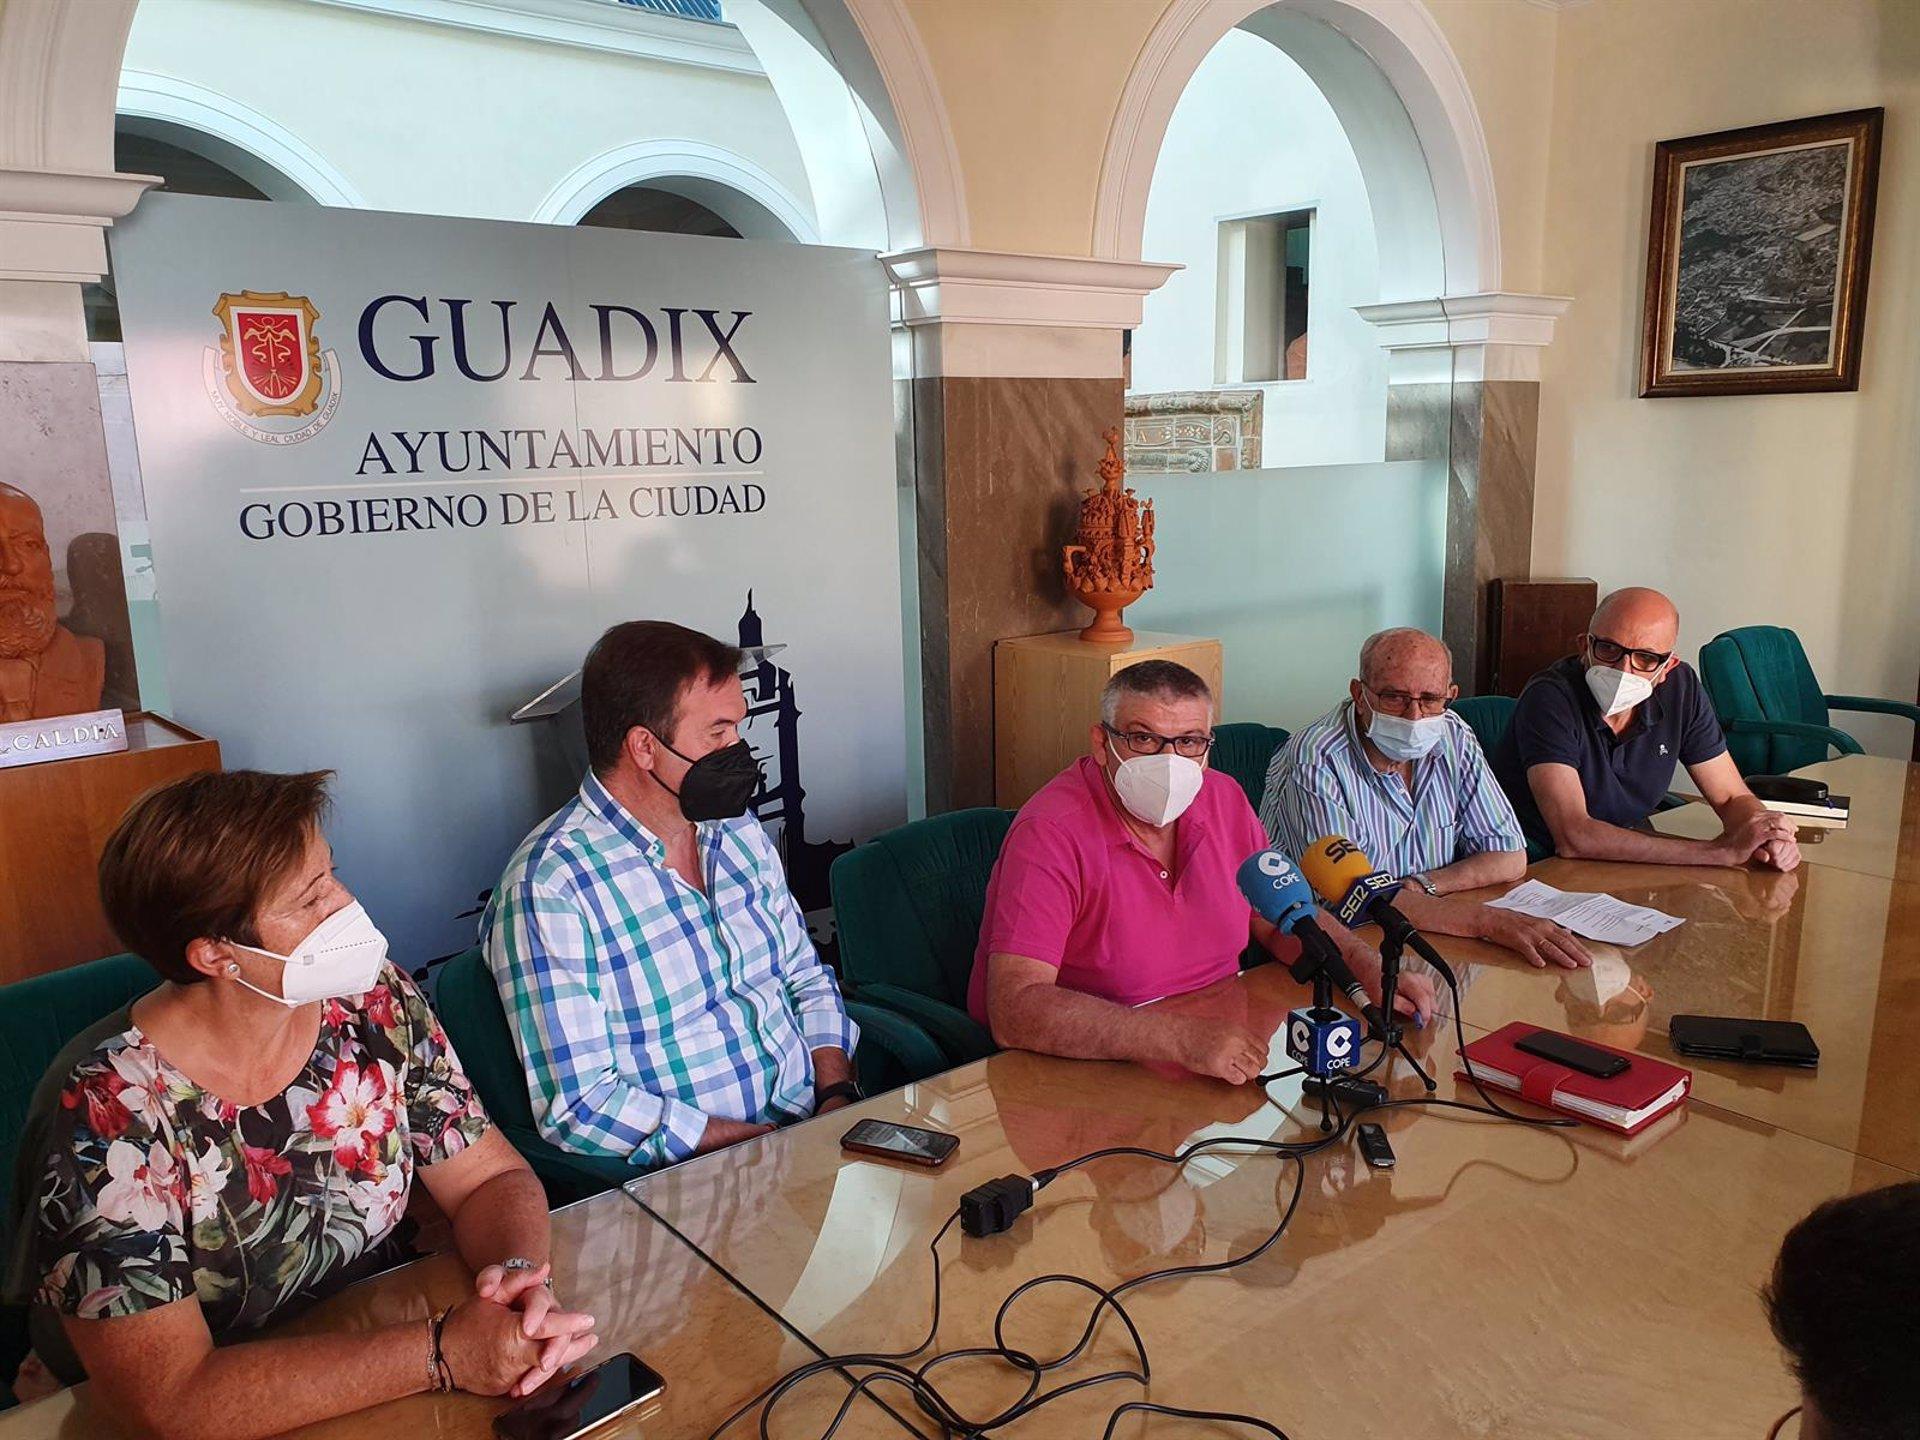 La Hermandad del Cascamorras de Guadix homenajeará al personal que lucha contra la pandemia